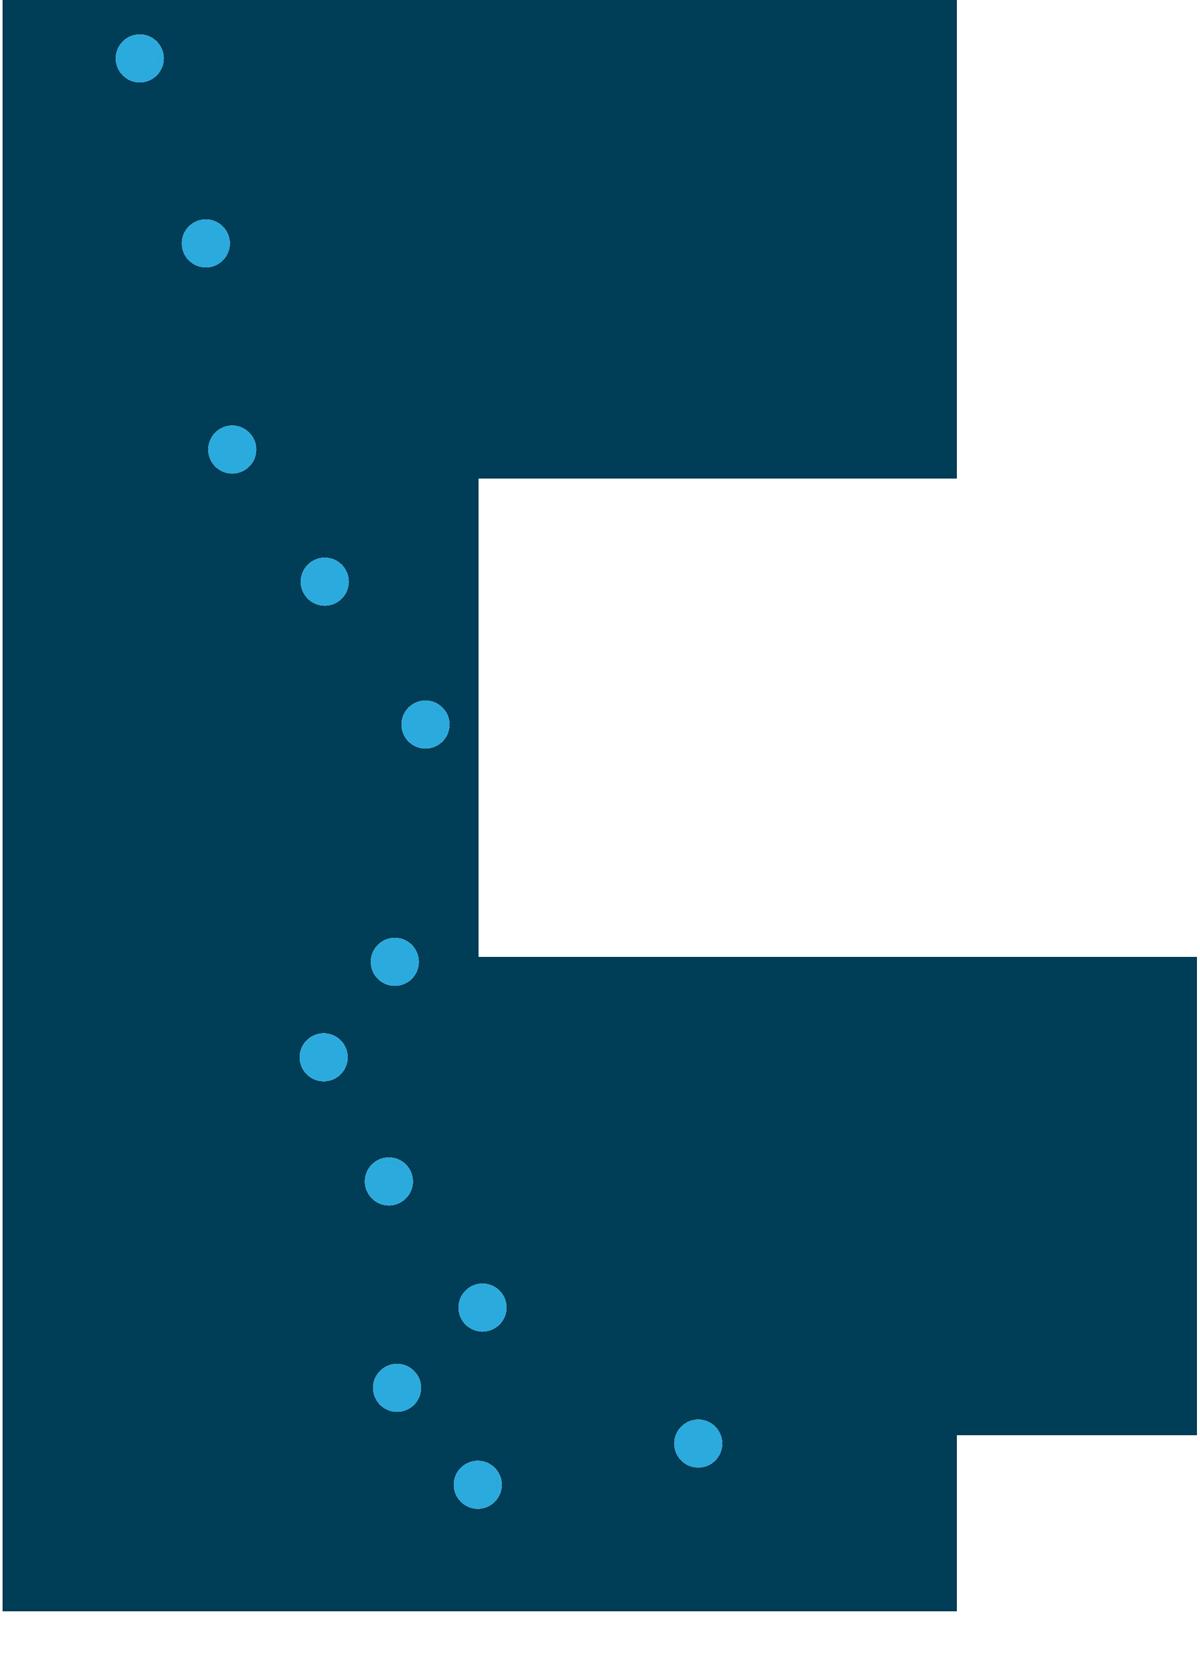 VVS tjänster inom Skåne, Halland och Västra Götaland